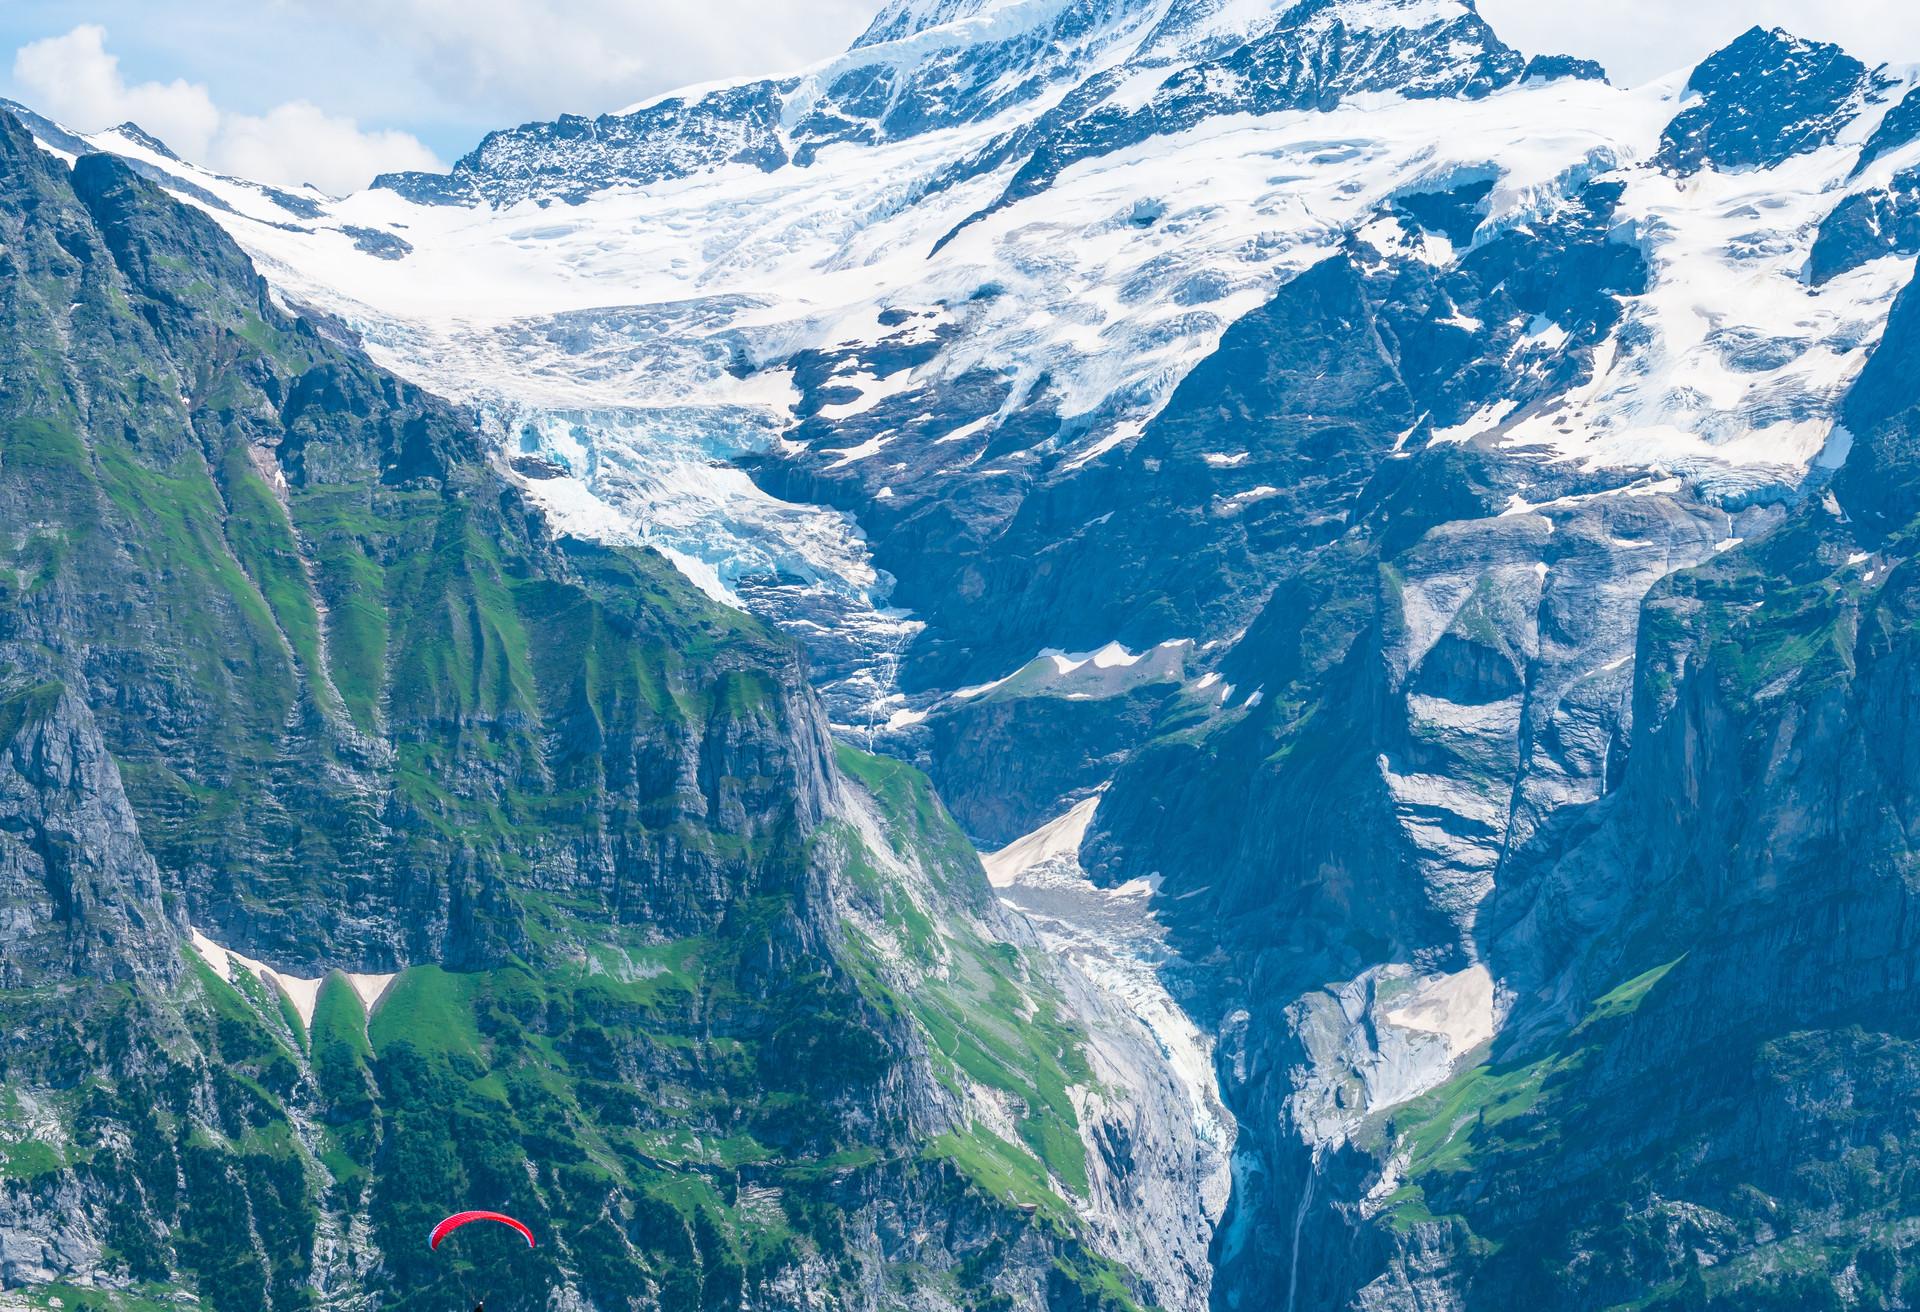 Le domaine skiable de la Jungfrau est une station de tous les superlatifs